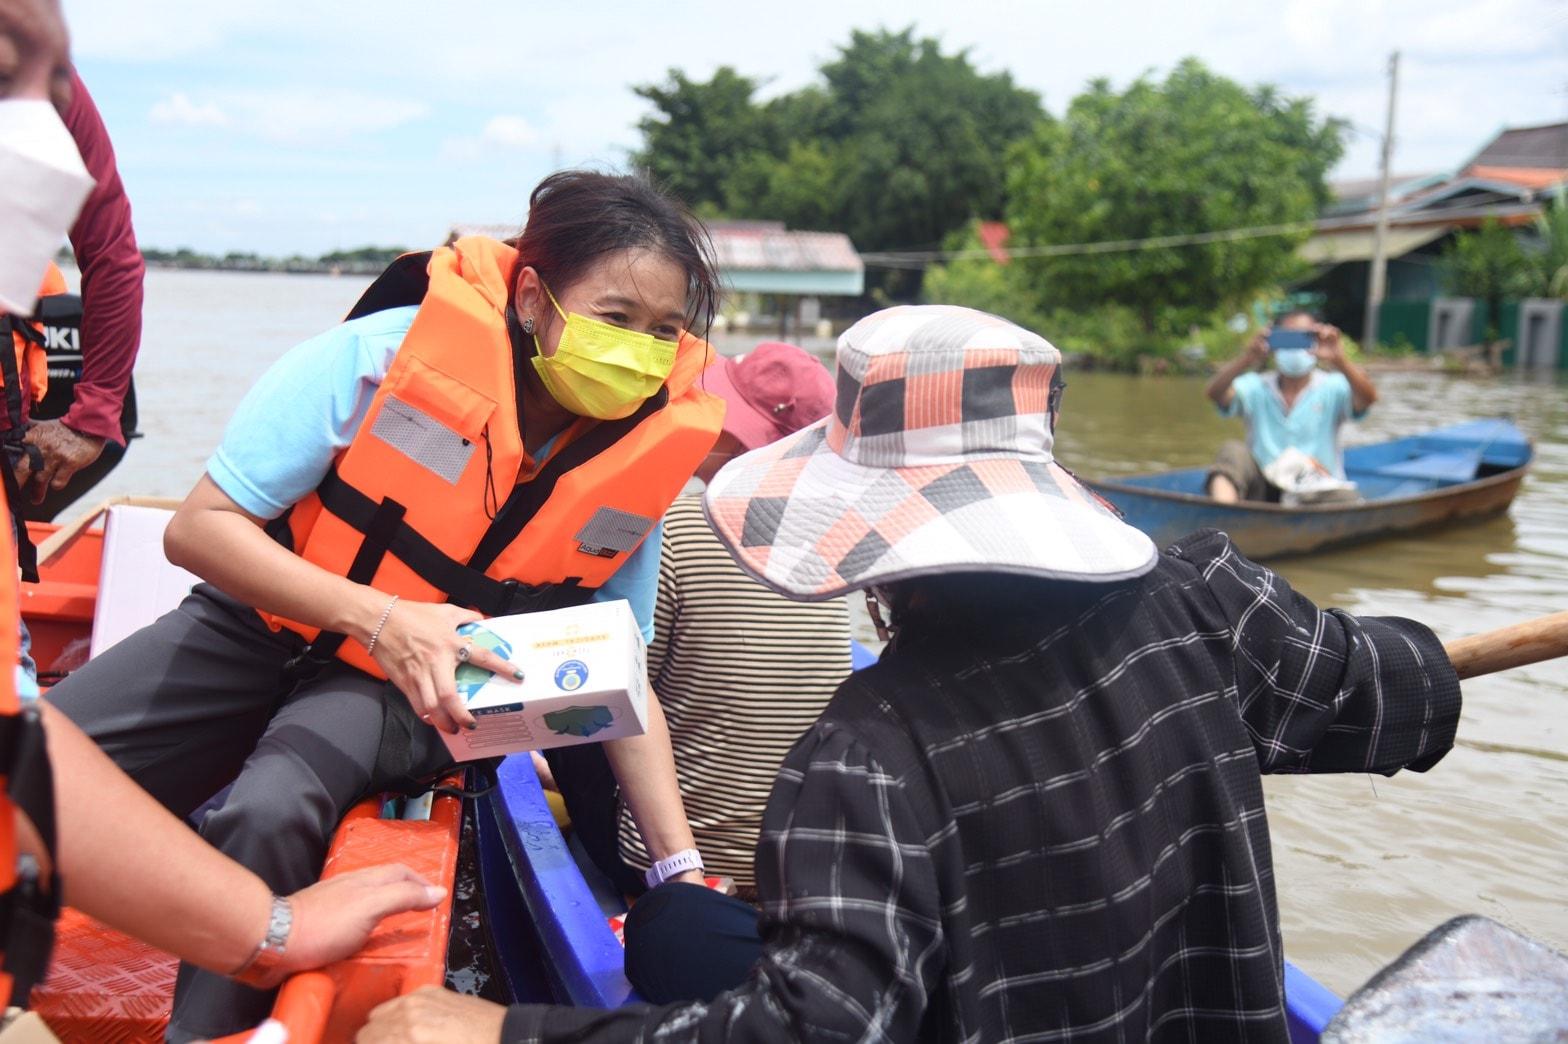 อบจ.ปทุมธานีแจกถุงยังชีพแก่ผู้ประสบภัยน้ำท่วม